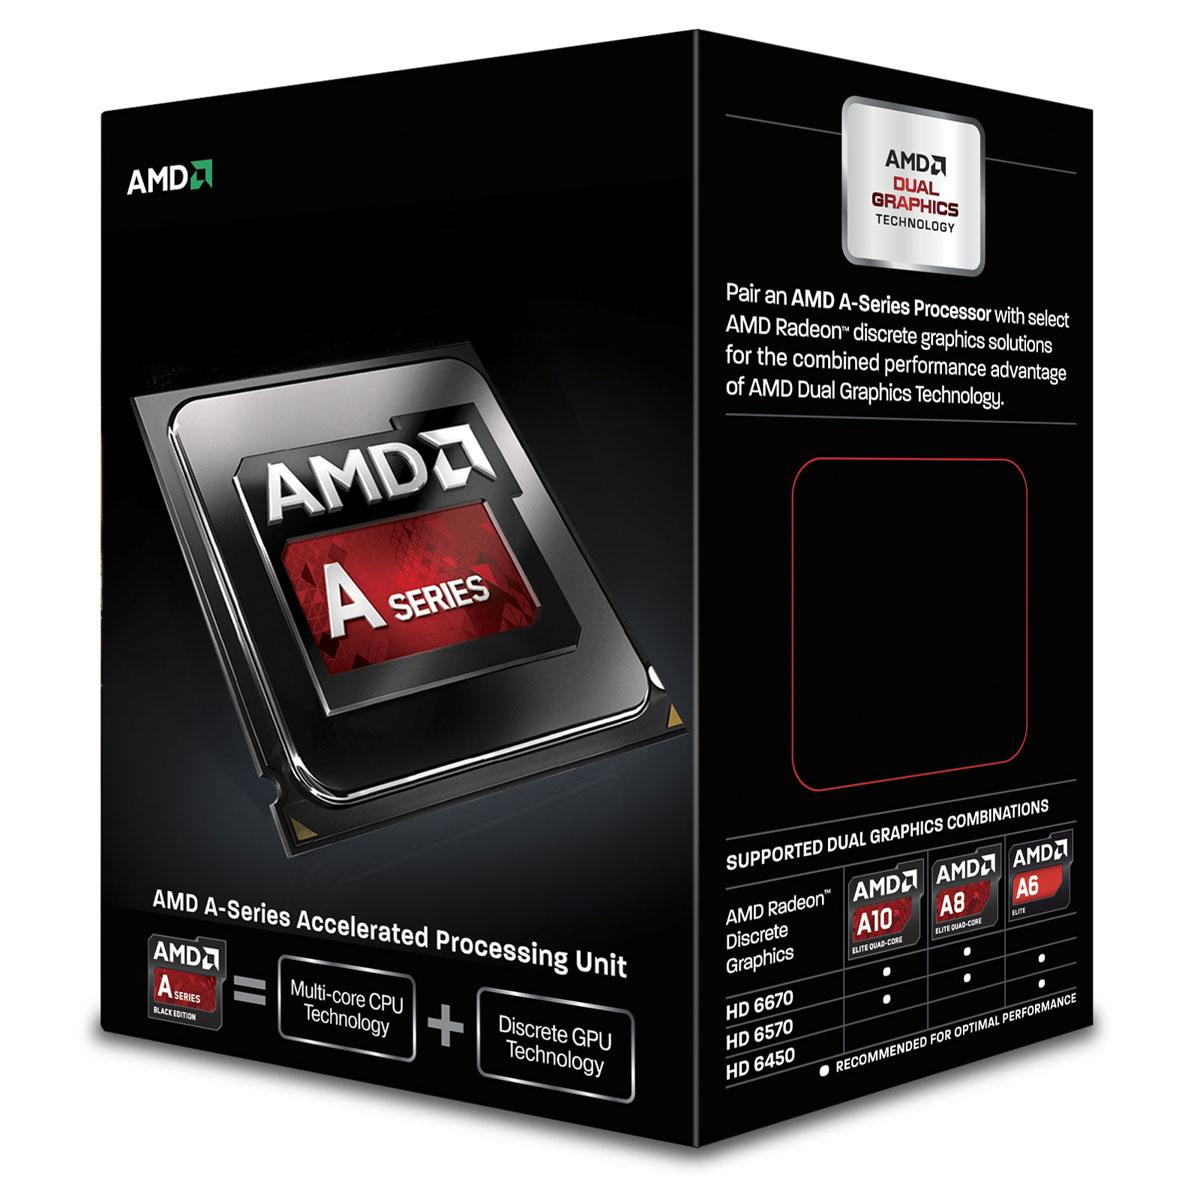 Processeur AMD A6-7400K (3.5 GHz) Processeur Dual Core socket FM2+ Cache L2 1 Mo Radeon R5 series 0.028 micron (version boîte - garantie constructeur 3 ans)